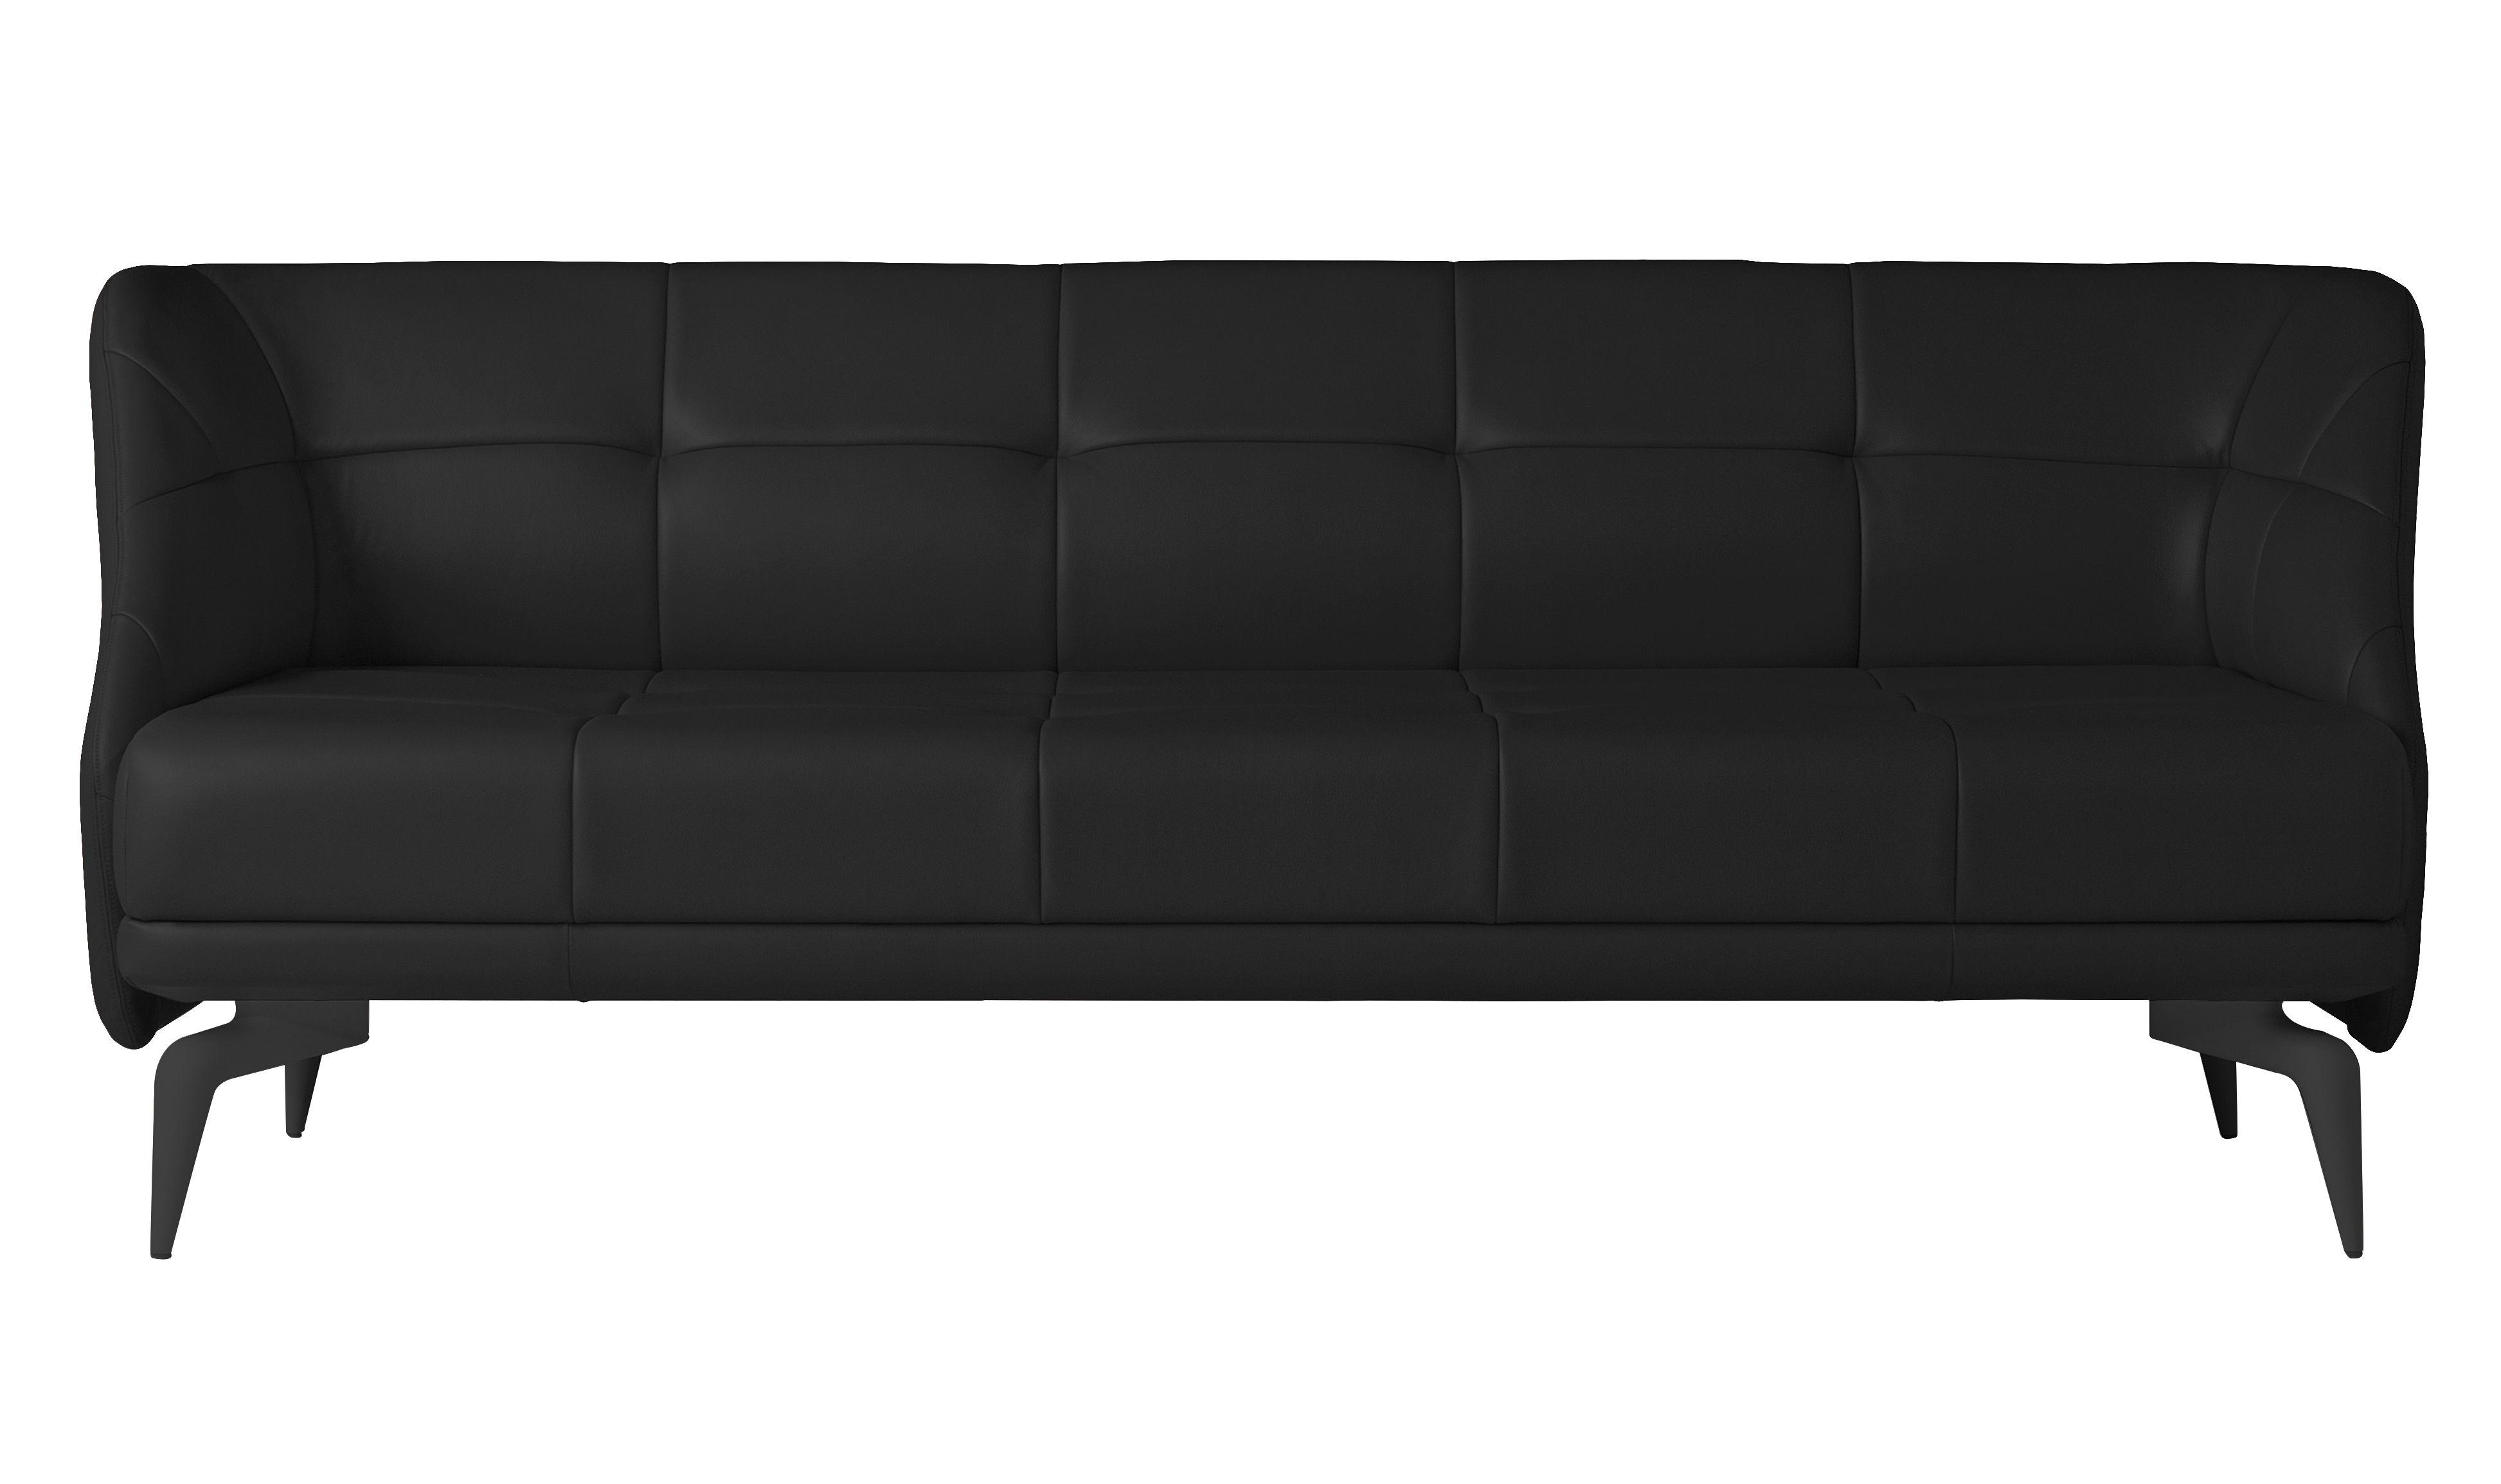 Mobilier - Canapés - Canapé droit Leeon / 3 places - L 212 cm - Driade - Cuir noir - Aluminium laqué, Cuir